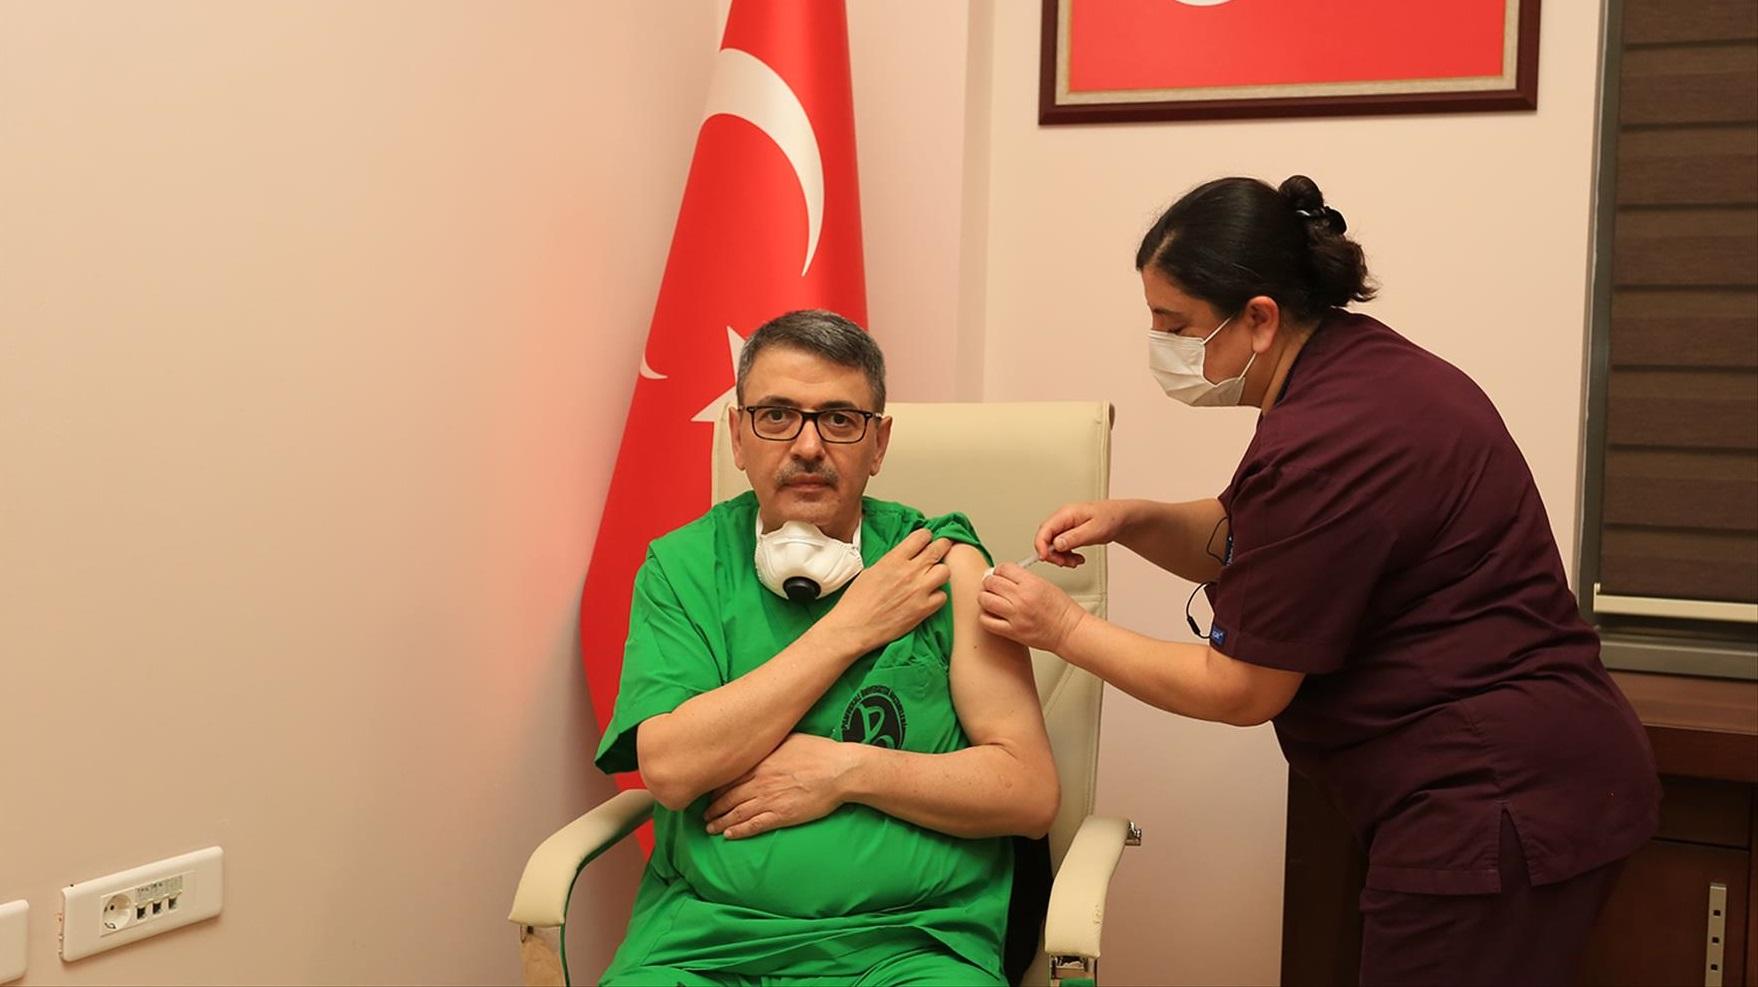 PAÜ Hastanelerinde İlk Aşıyı Rektör Kutluhan Oldu